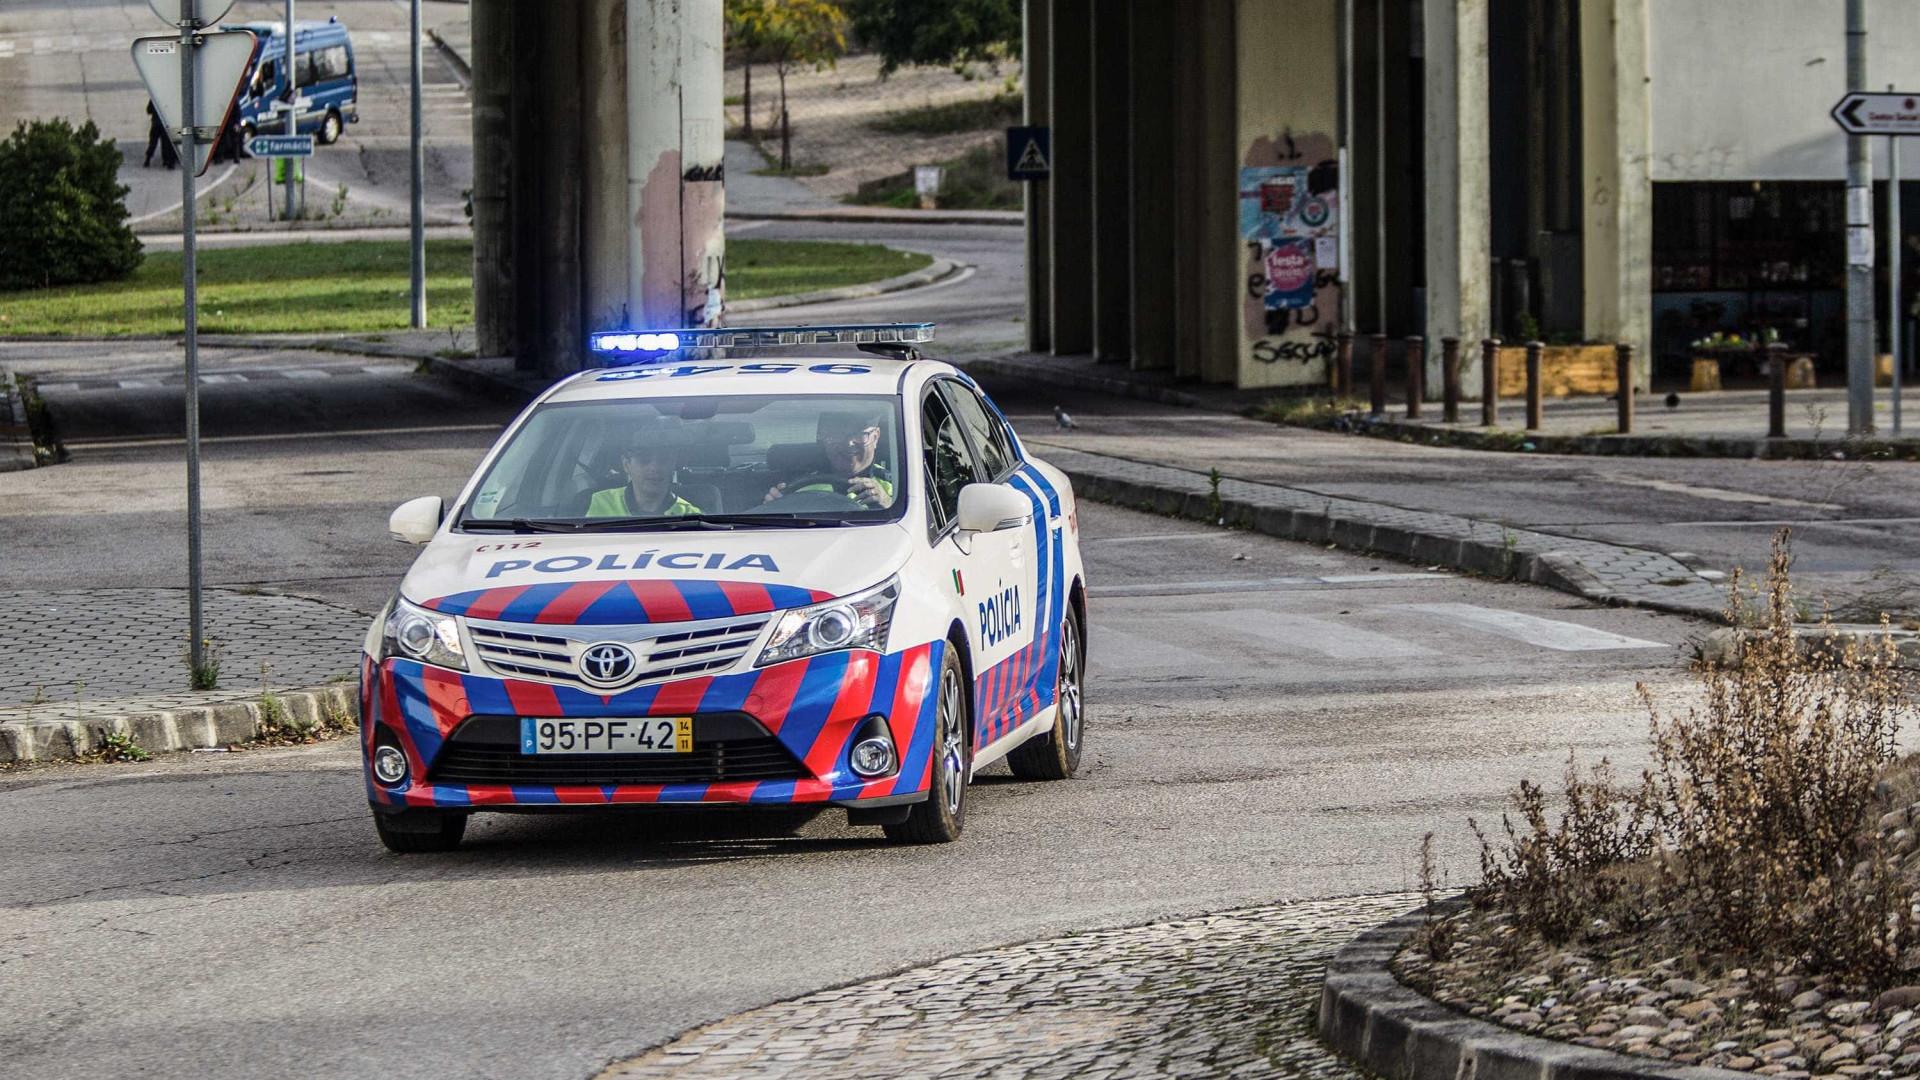 Adolescente de 16 anos desaparecido em Viana encontrado